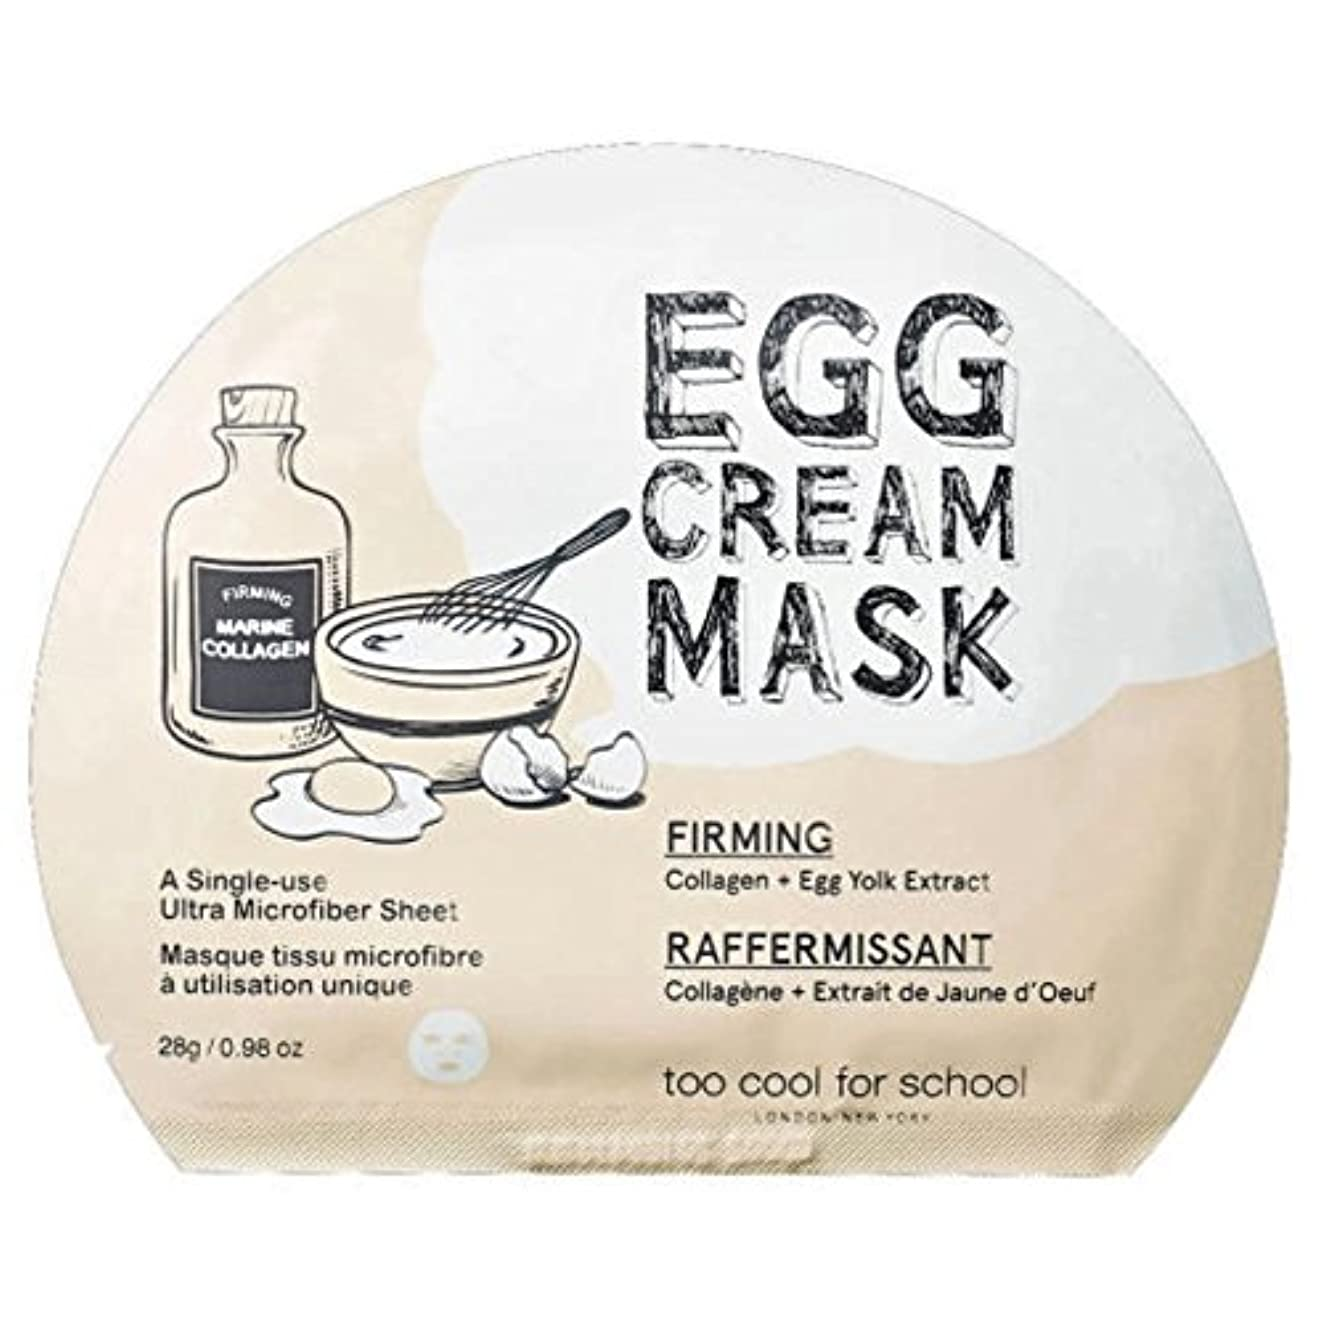 グラマー溢れんばかりのニンニク[New] too cool for school Egg Cream Mask (Firming) 28g × 5ea/トゥークール フォースクール エッグ クリーム マスク (ファーミング) 28g × 5枚